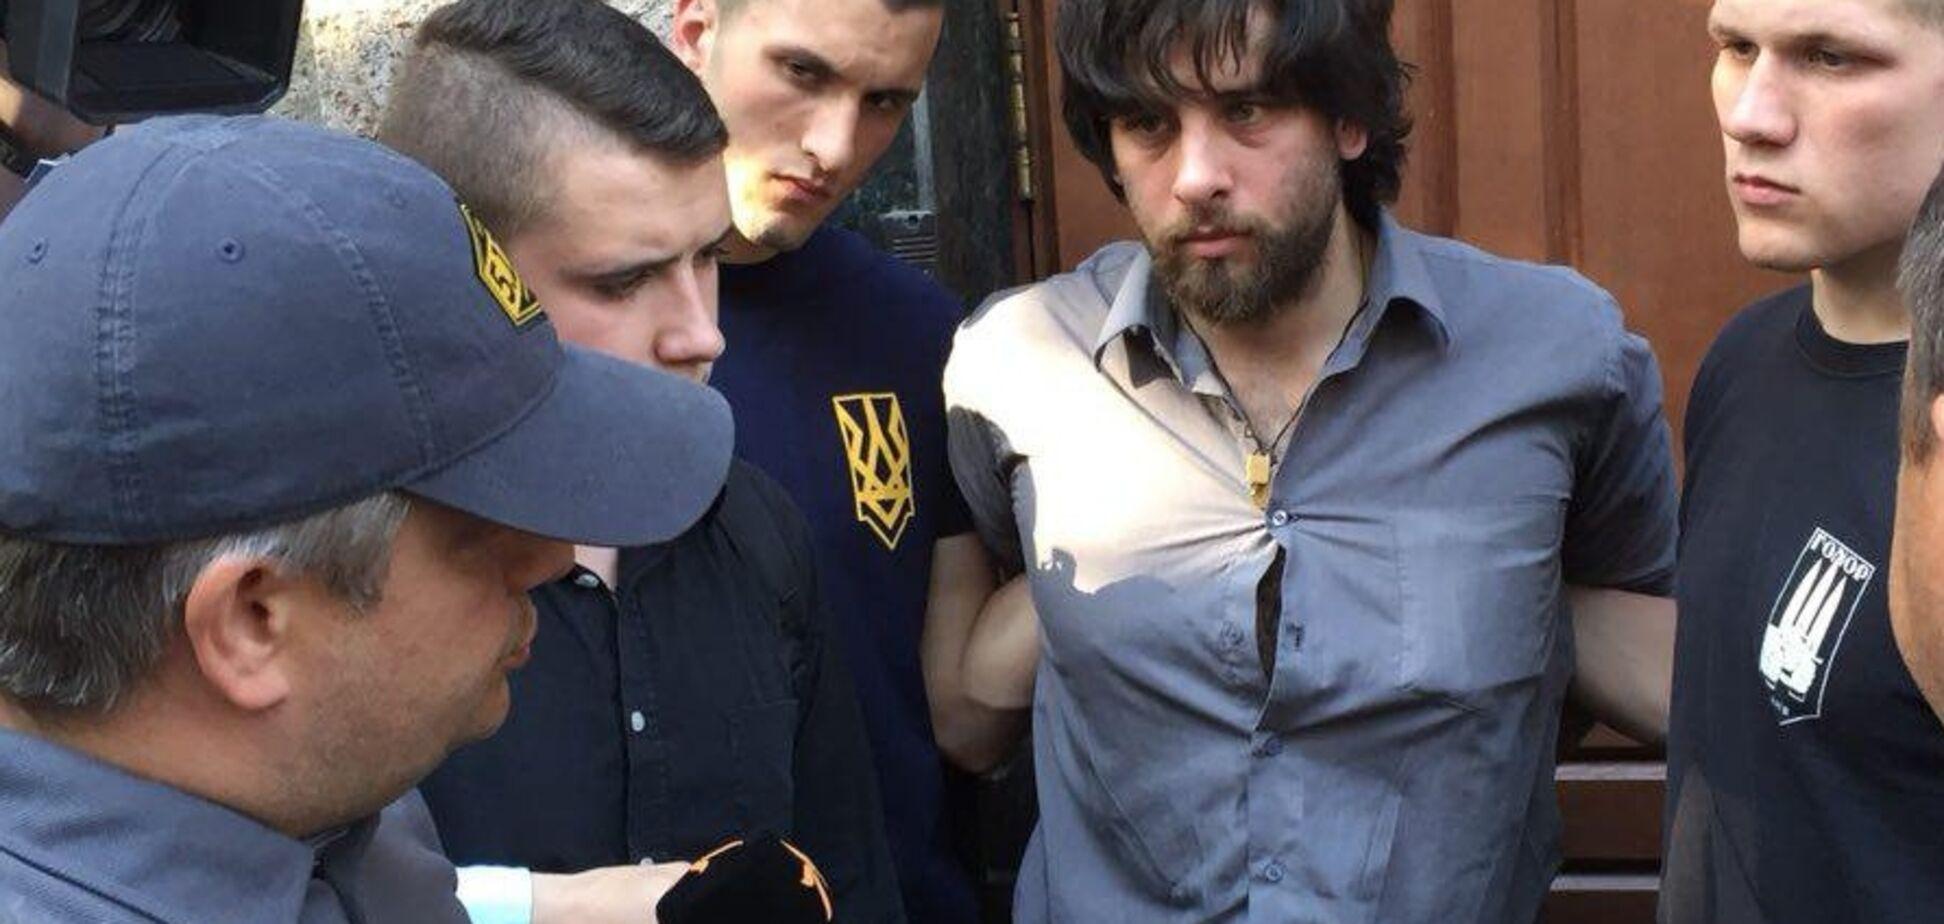 Затримання терориста Лусваргі: СБУ завела справу на націоналістів